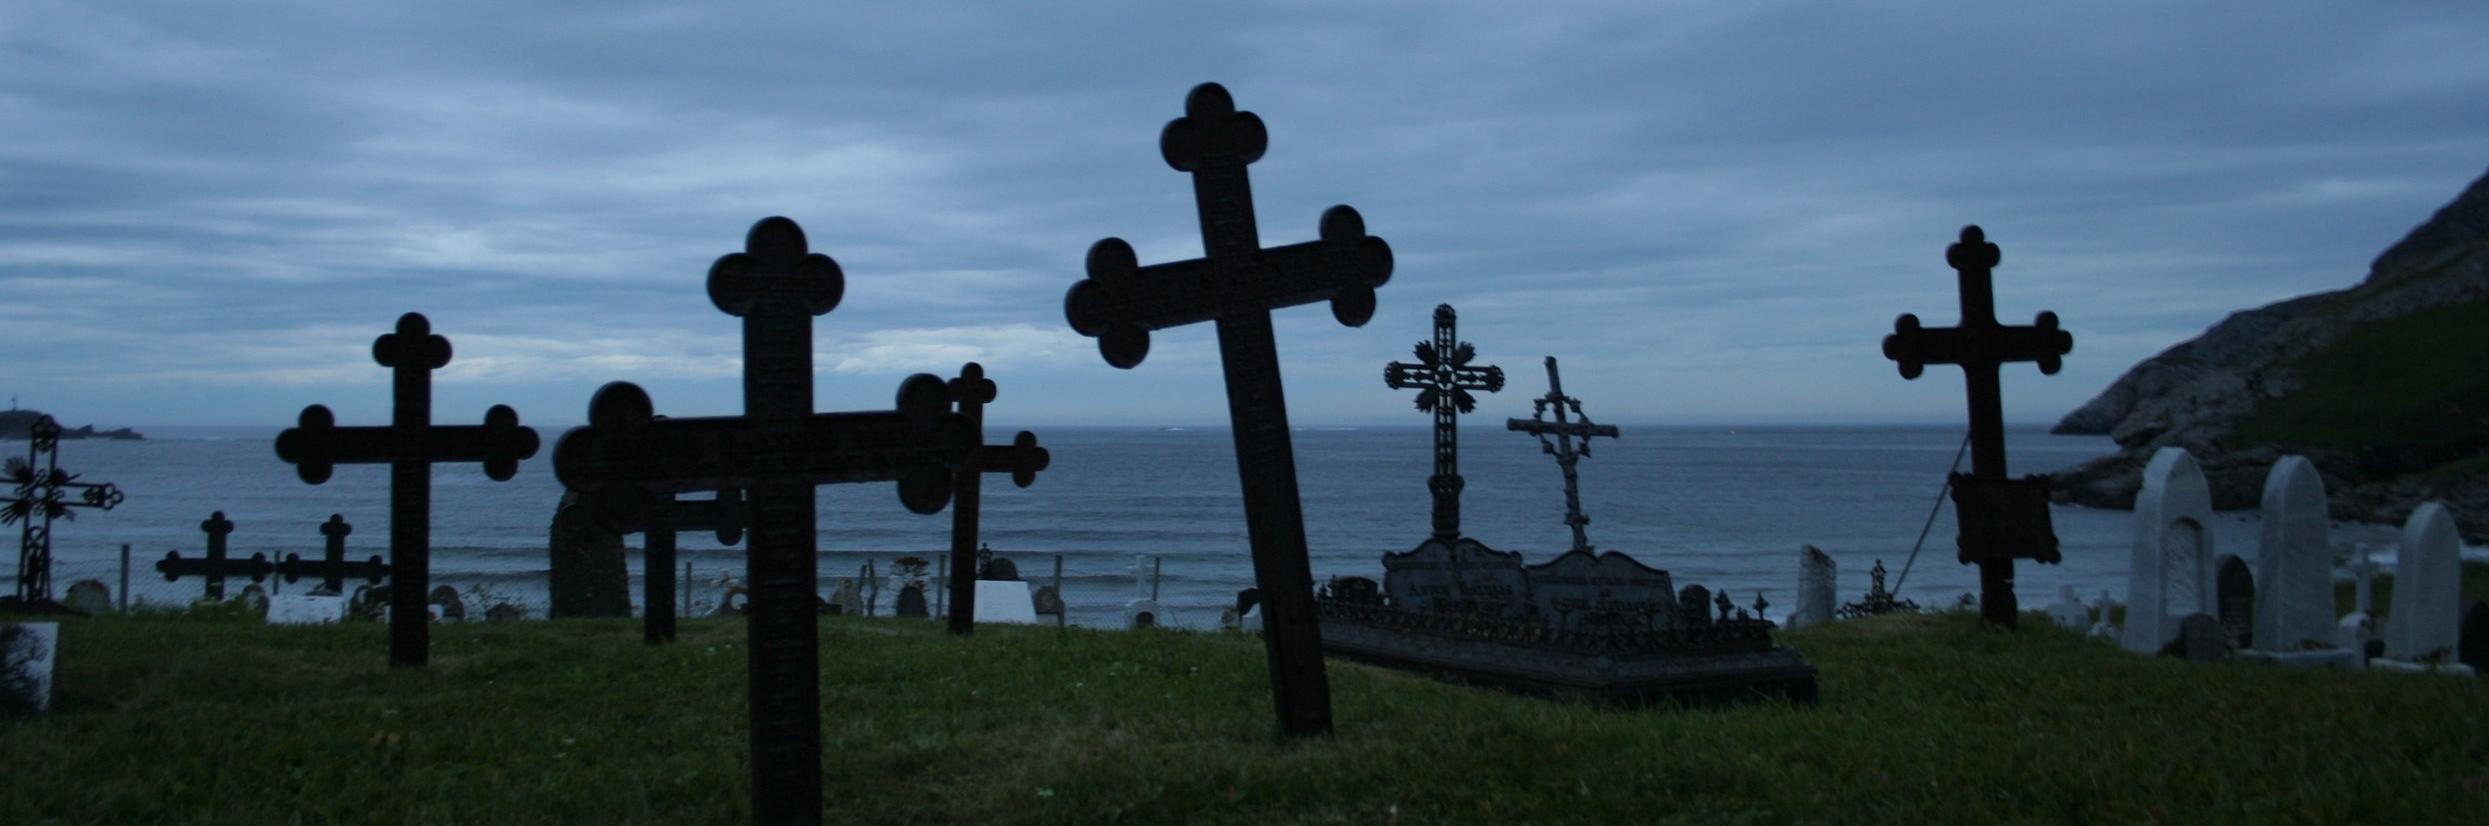 Graveyard_crosses.jpg